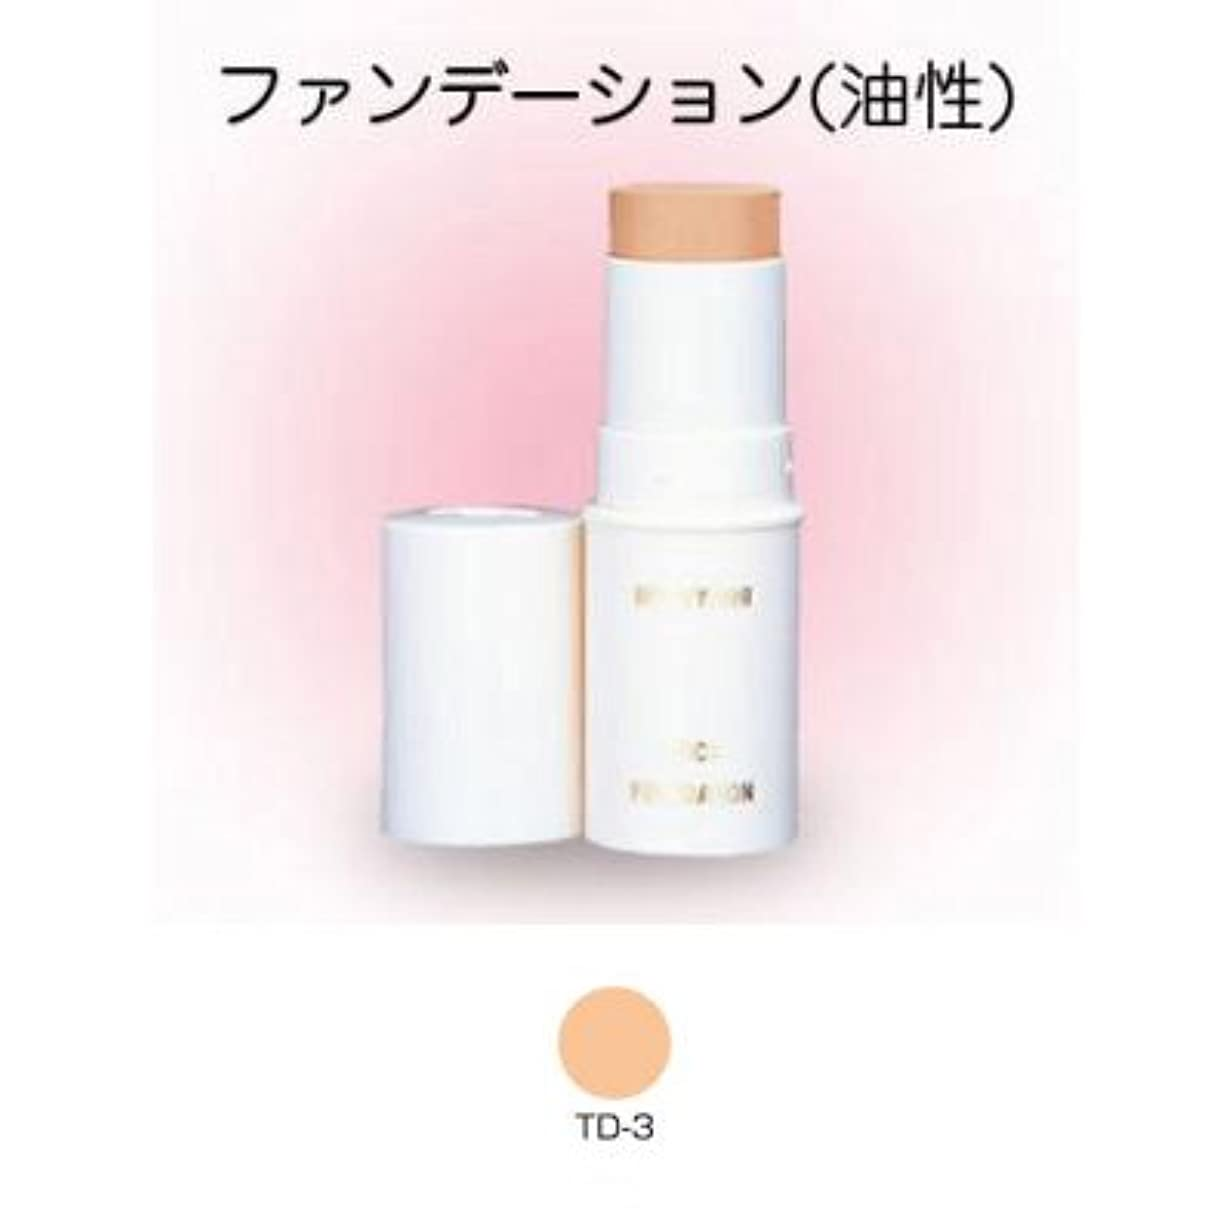 灌漑ライブ征服スティックファンデーション 16g TD-3 【三善】